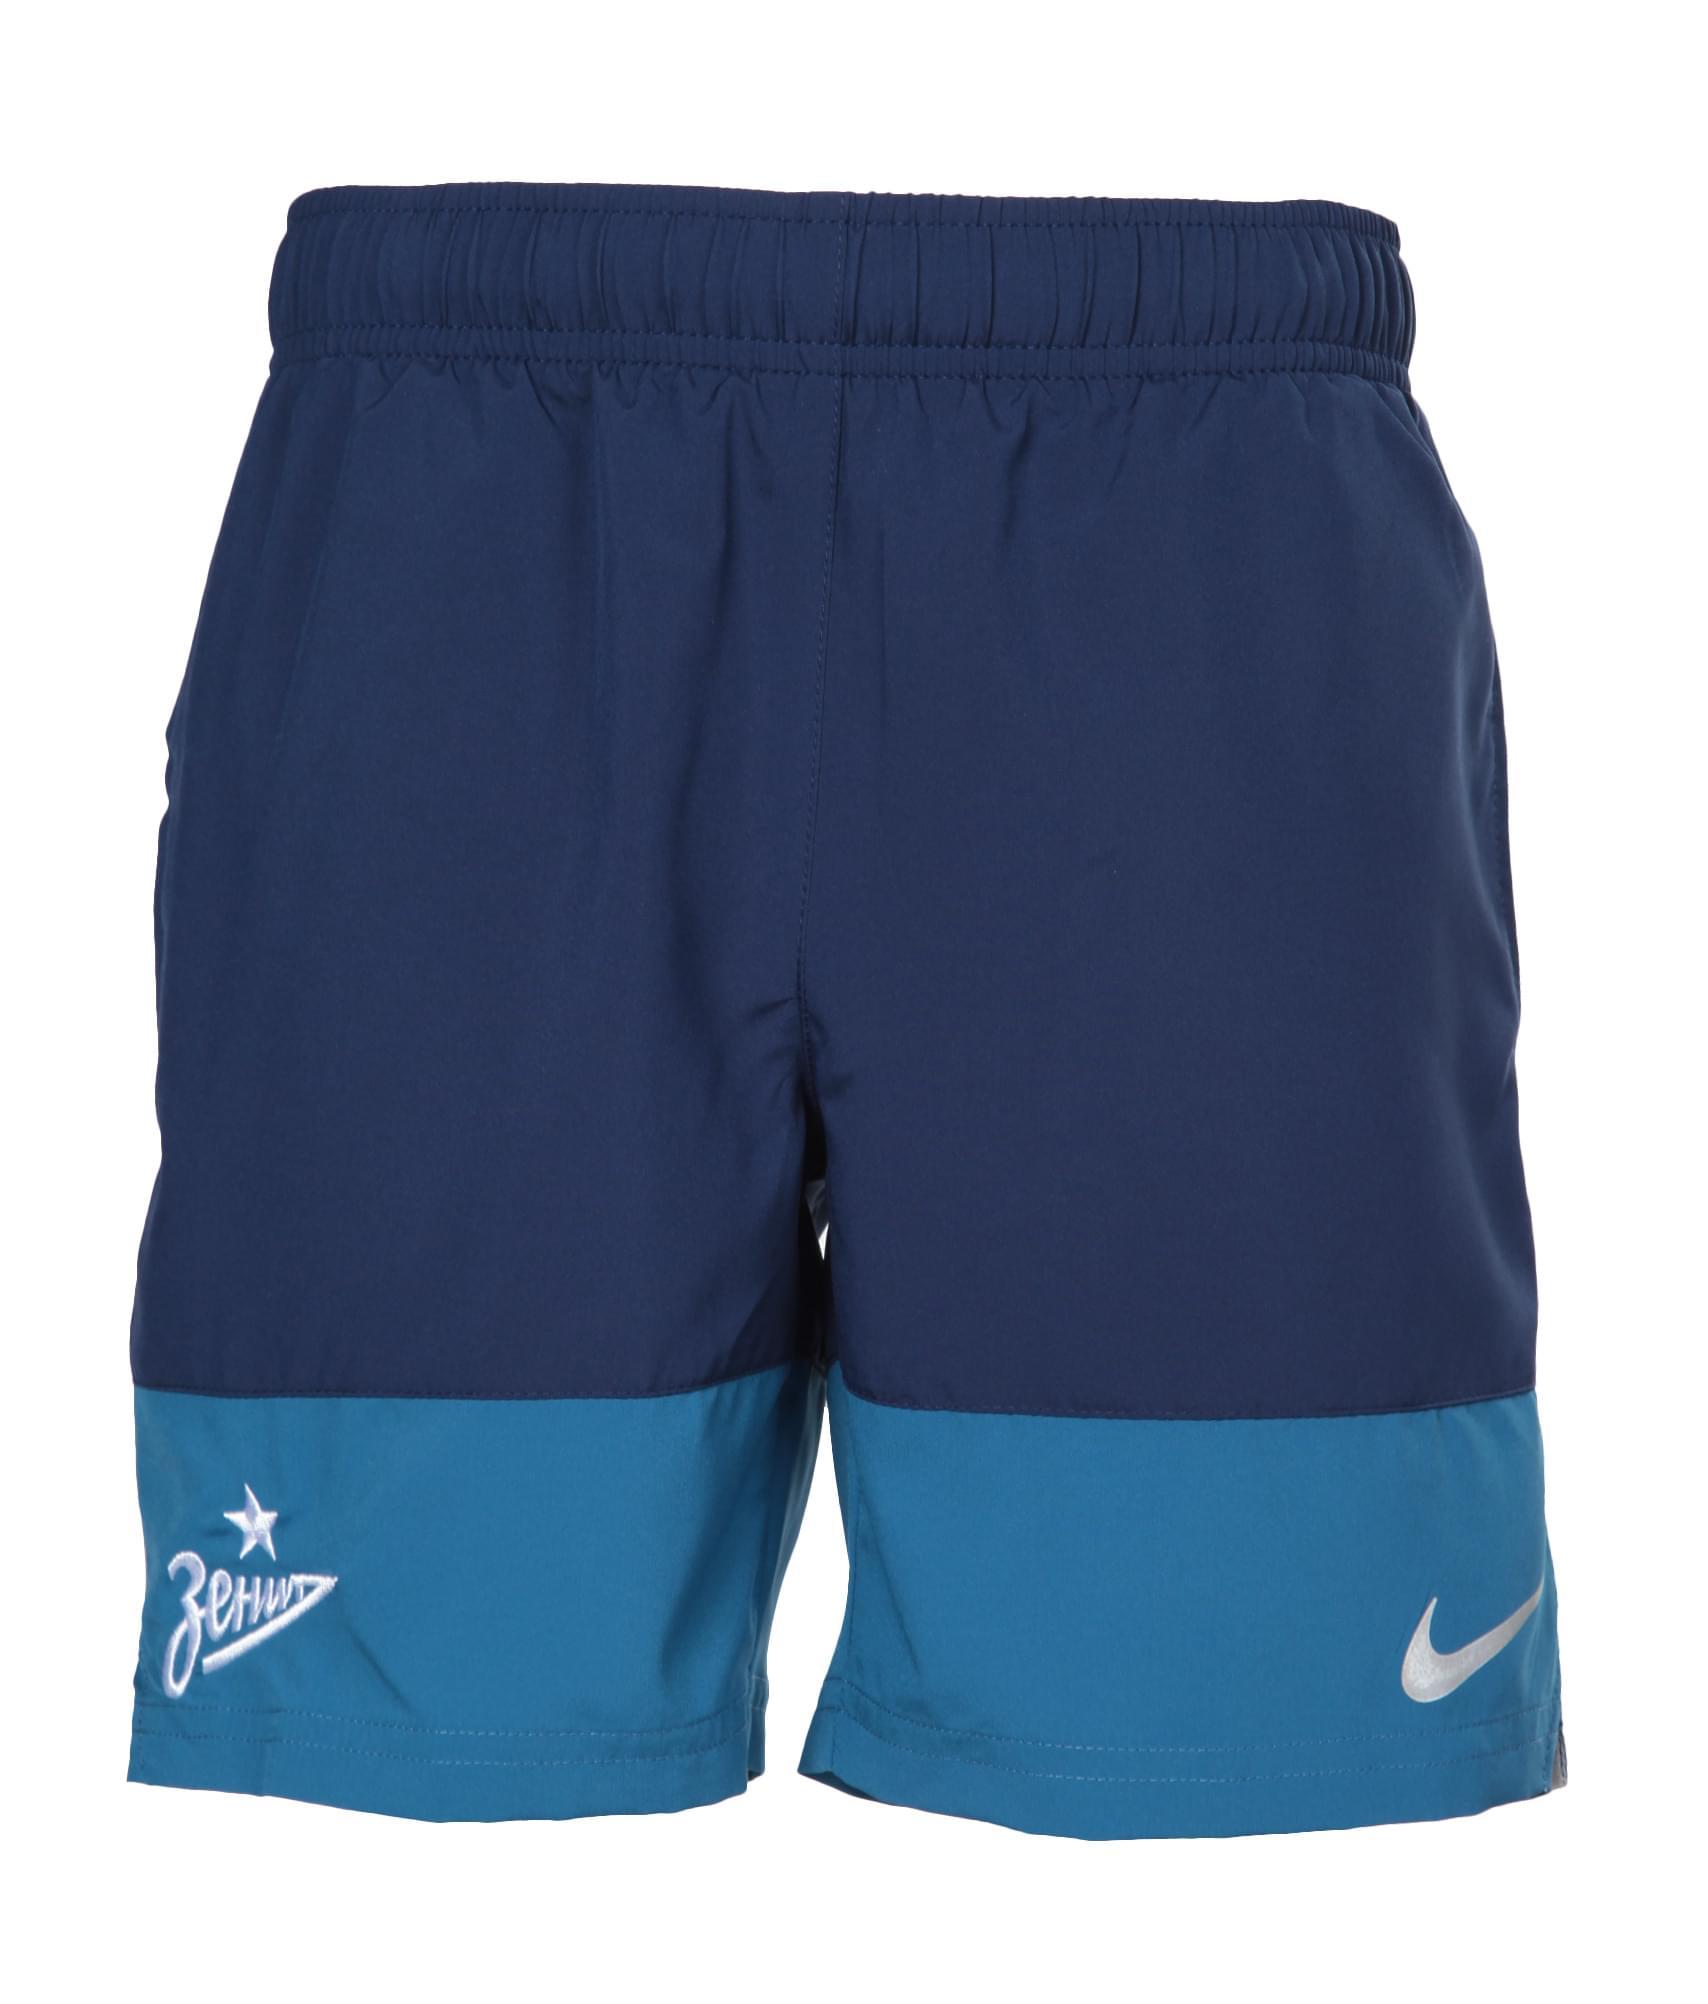 купить Шорты подростковые Nike, Цвет-Синий, Размер-XS недорого